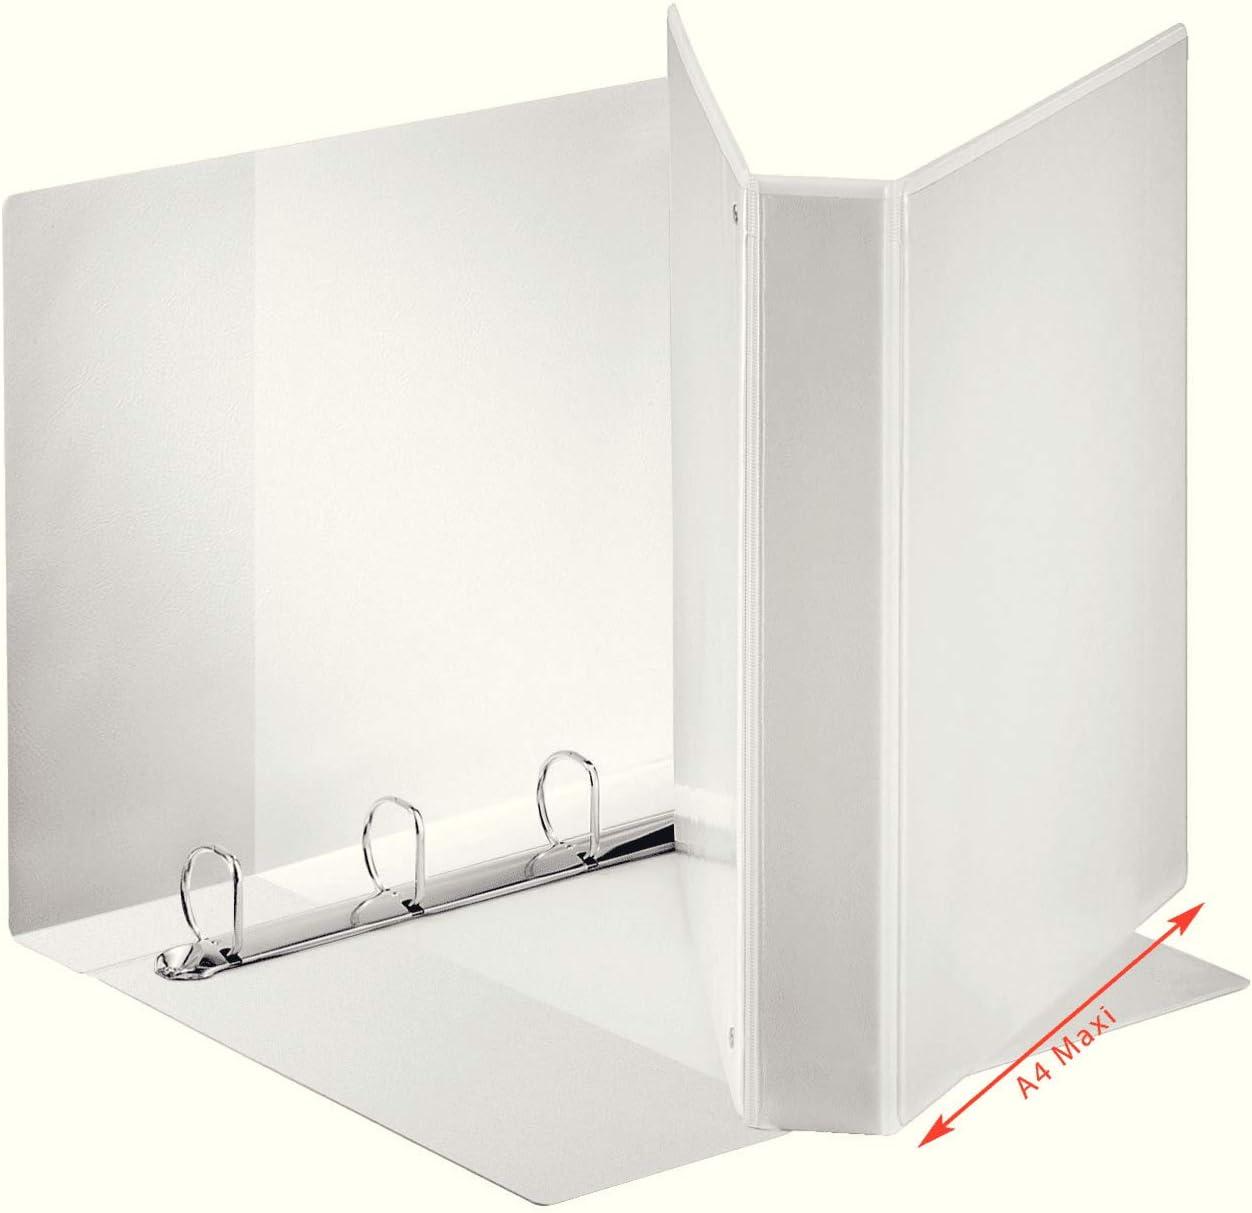 Esselte 55291 - Carpeta: Amazon.es: Oficina y papelería